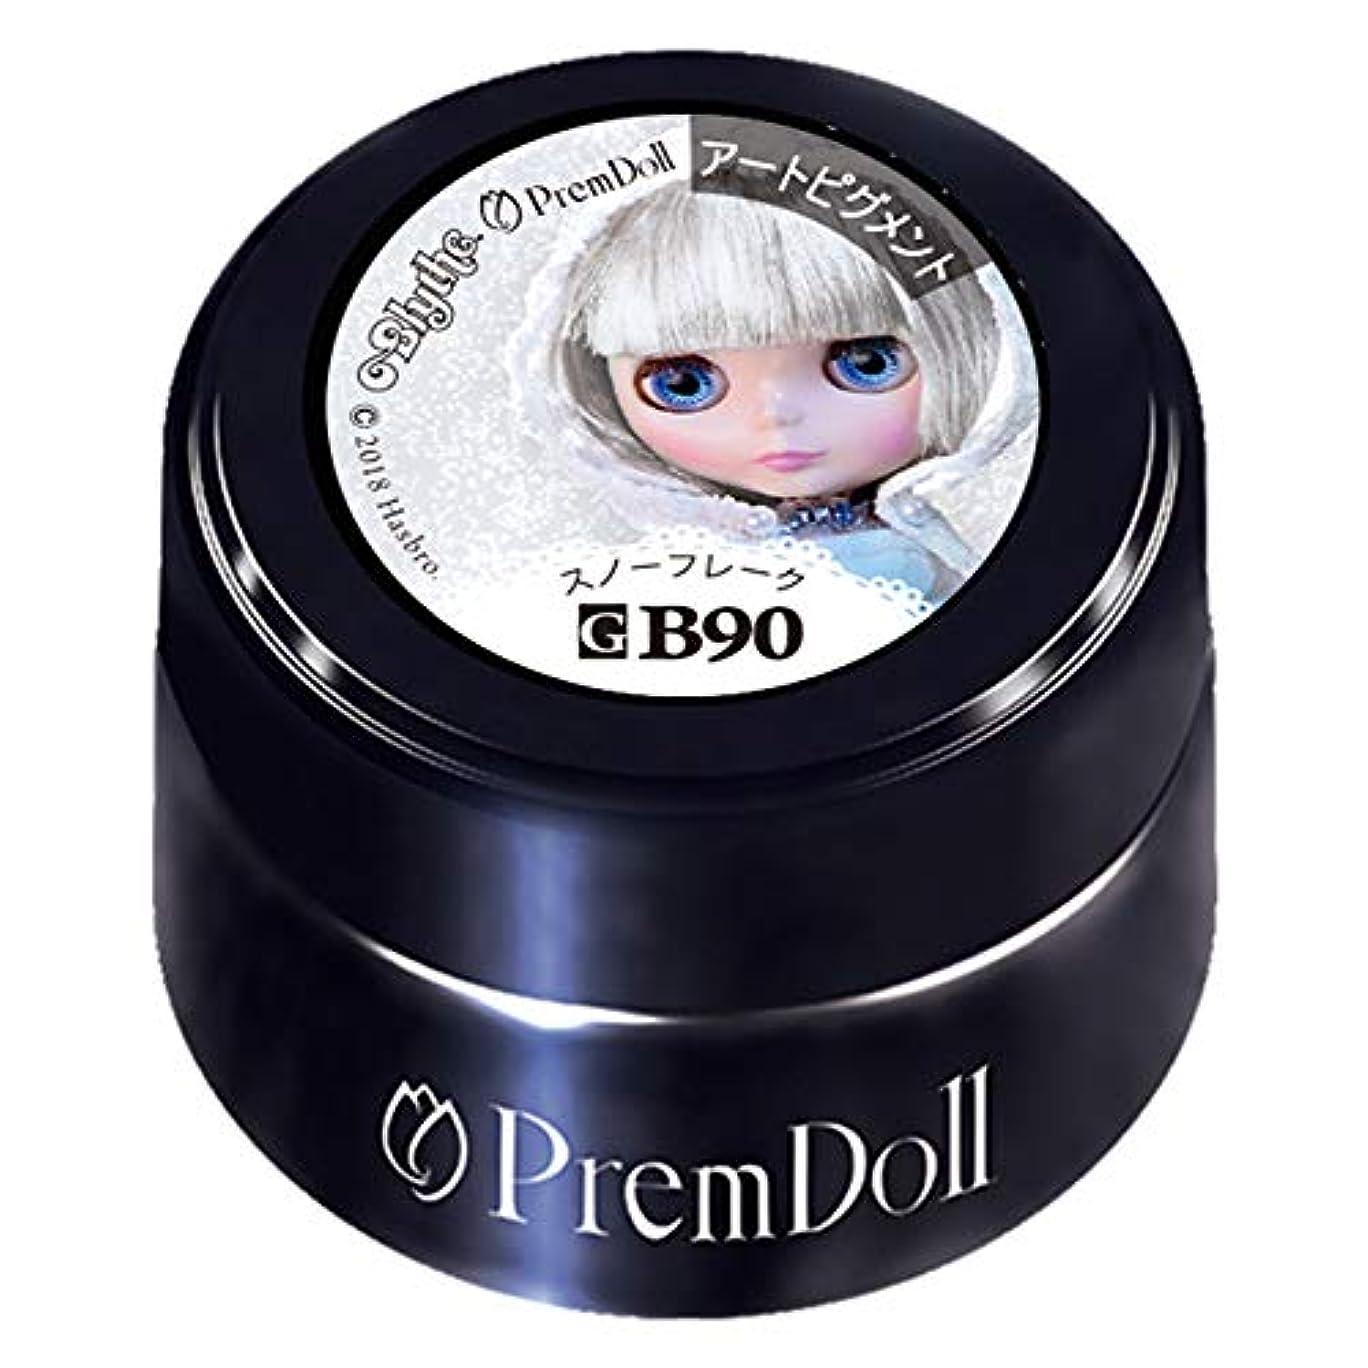 時唇海洋のPRE GEL プリムドール スノーフレーク90 DOLL-B90 3g カラージェル UV/LED対応